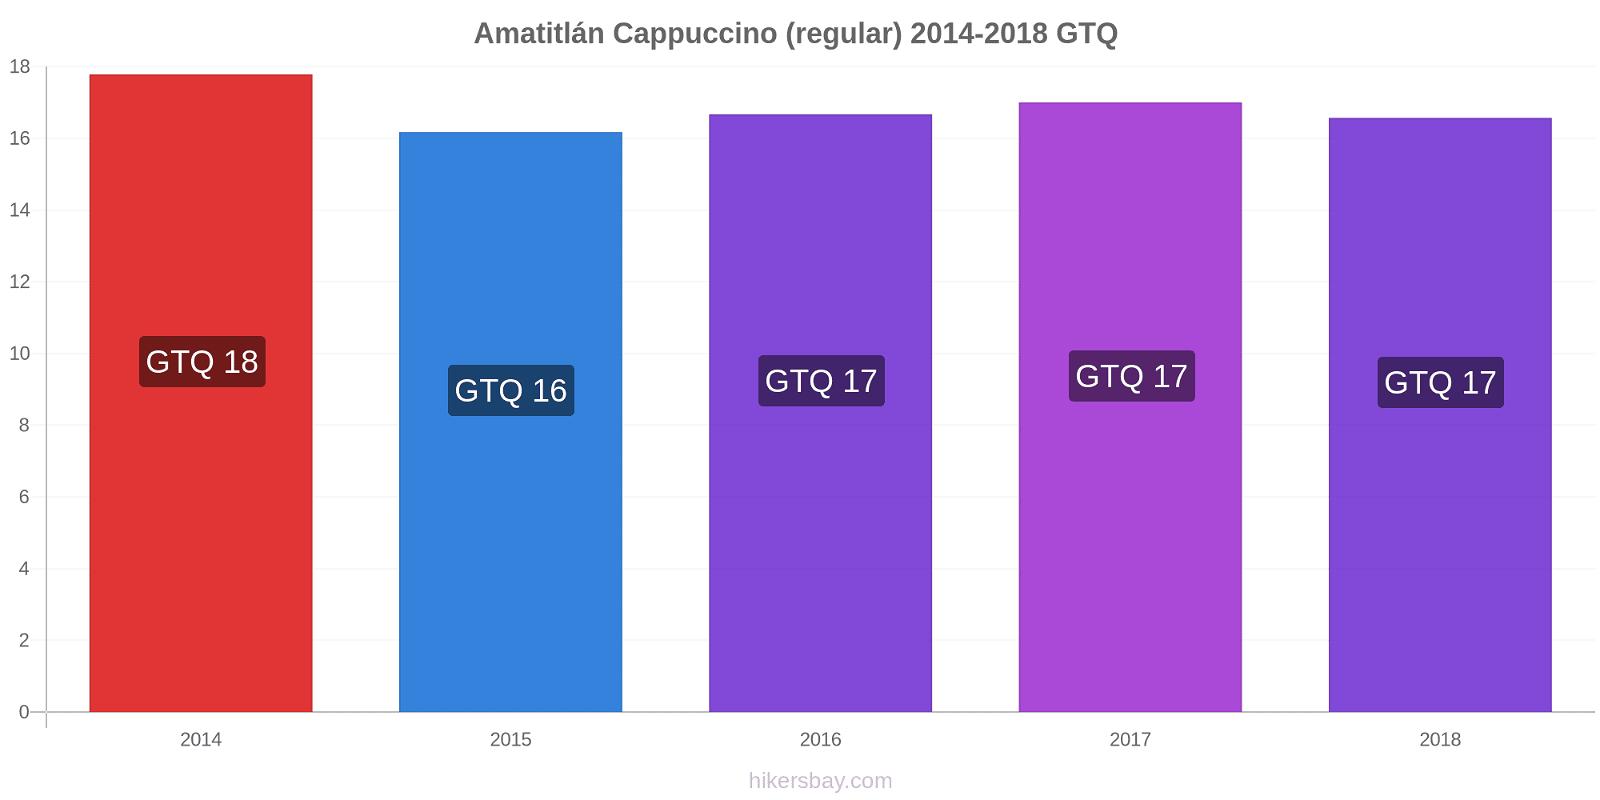 Amatitlán price changes Cappuccino (regular) hikersbay.com